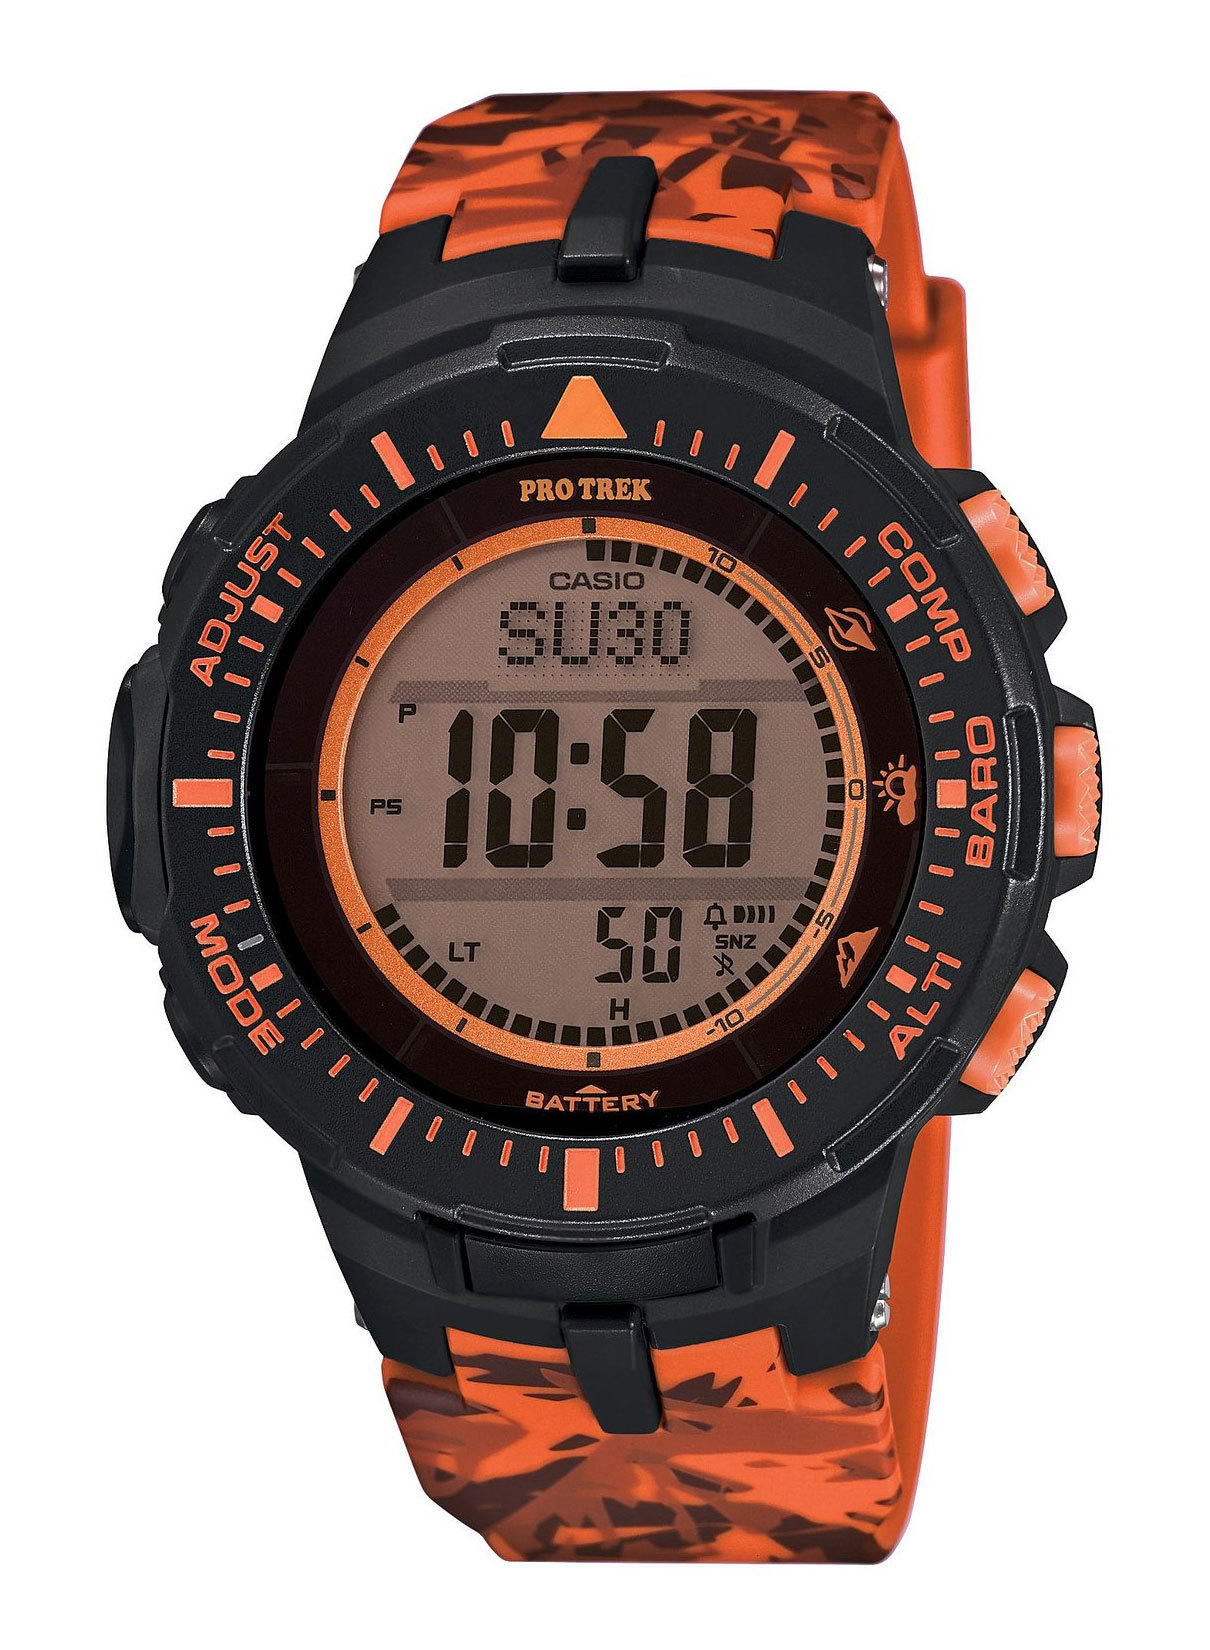 Casio Protrek PRG-300CM-4E / PRG-300CM-4ER - мужские наручные часыCasio<br>Многофункциональные наручные часы с коррекцией времени по радиосигналу,питанием от солнечной батареи, барометром,альтиметром,датчиком температуры, таймером и будильником на полиуриетановом ремешке.<br><br>Бренд: Casio<br>Модель: Casio PRG-300CM-4E<br>Артикул: PRG-300CM-4E<br>Вариант артикула: PRG-300CM-4ER<br>Коллекция: Protrek<br>Подколлекция: None<br>Страна: Япония<br>Пол: мужские<br>Тип механизма: None<br>Механизм: None<br>Количество камней: None<br>Автоподзавод: None<br>Источник энергии: None<br>Срок службы элемента питания: None<br>Дисплей: None<br>Цифры: None<br>Водозащита: None<br>Противоударные: None<br>Материал корпуса: None<br>Материал браслета: None<br>Материал безеля: None<br>Стекло: None<br>Антибликовое покрытие: None<br>Цвет корпуса: None<br>Цвет браслета: None<br>Цвет циферблата: None<br>Цвет безеля: None<br>Размеры: None<br>Диаметр: None<br>Диаметр корпуса: None<br>Толщина: None<br>Ширина ремешка: None<br>Вес: None<br>Спорт-функции: None<br>Подсветка: None<br>Вставка: None<br>Отображение даты: None<br>Хронограф: None<br>Таймер: None<br>Термометр: None<br>Хронометр: None<br>GPS: None<br>Радиосинхронизация: None<br>Барометр: None<br>Скелетон: None<br>Дополнительная информация: None<br>Дополнительные функции: None